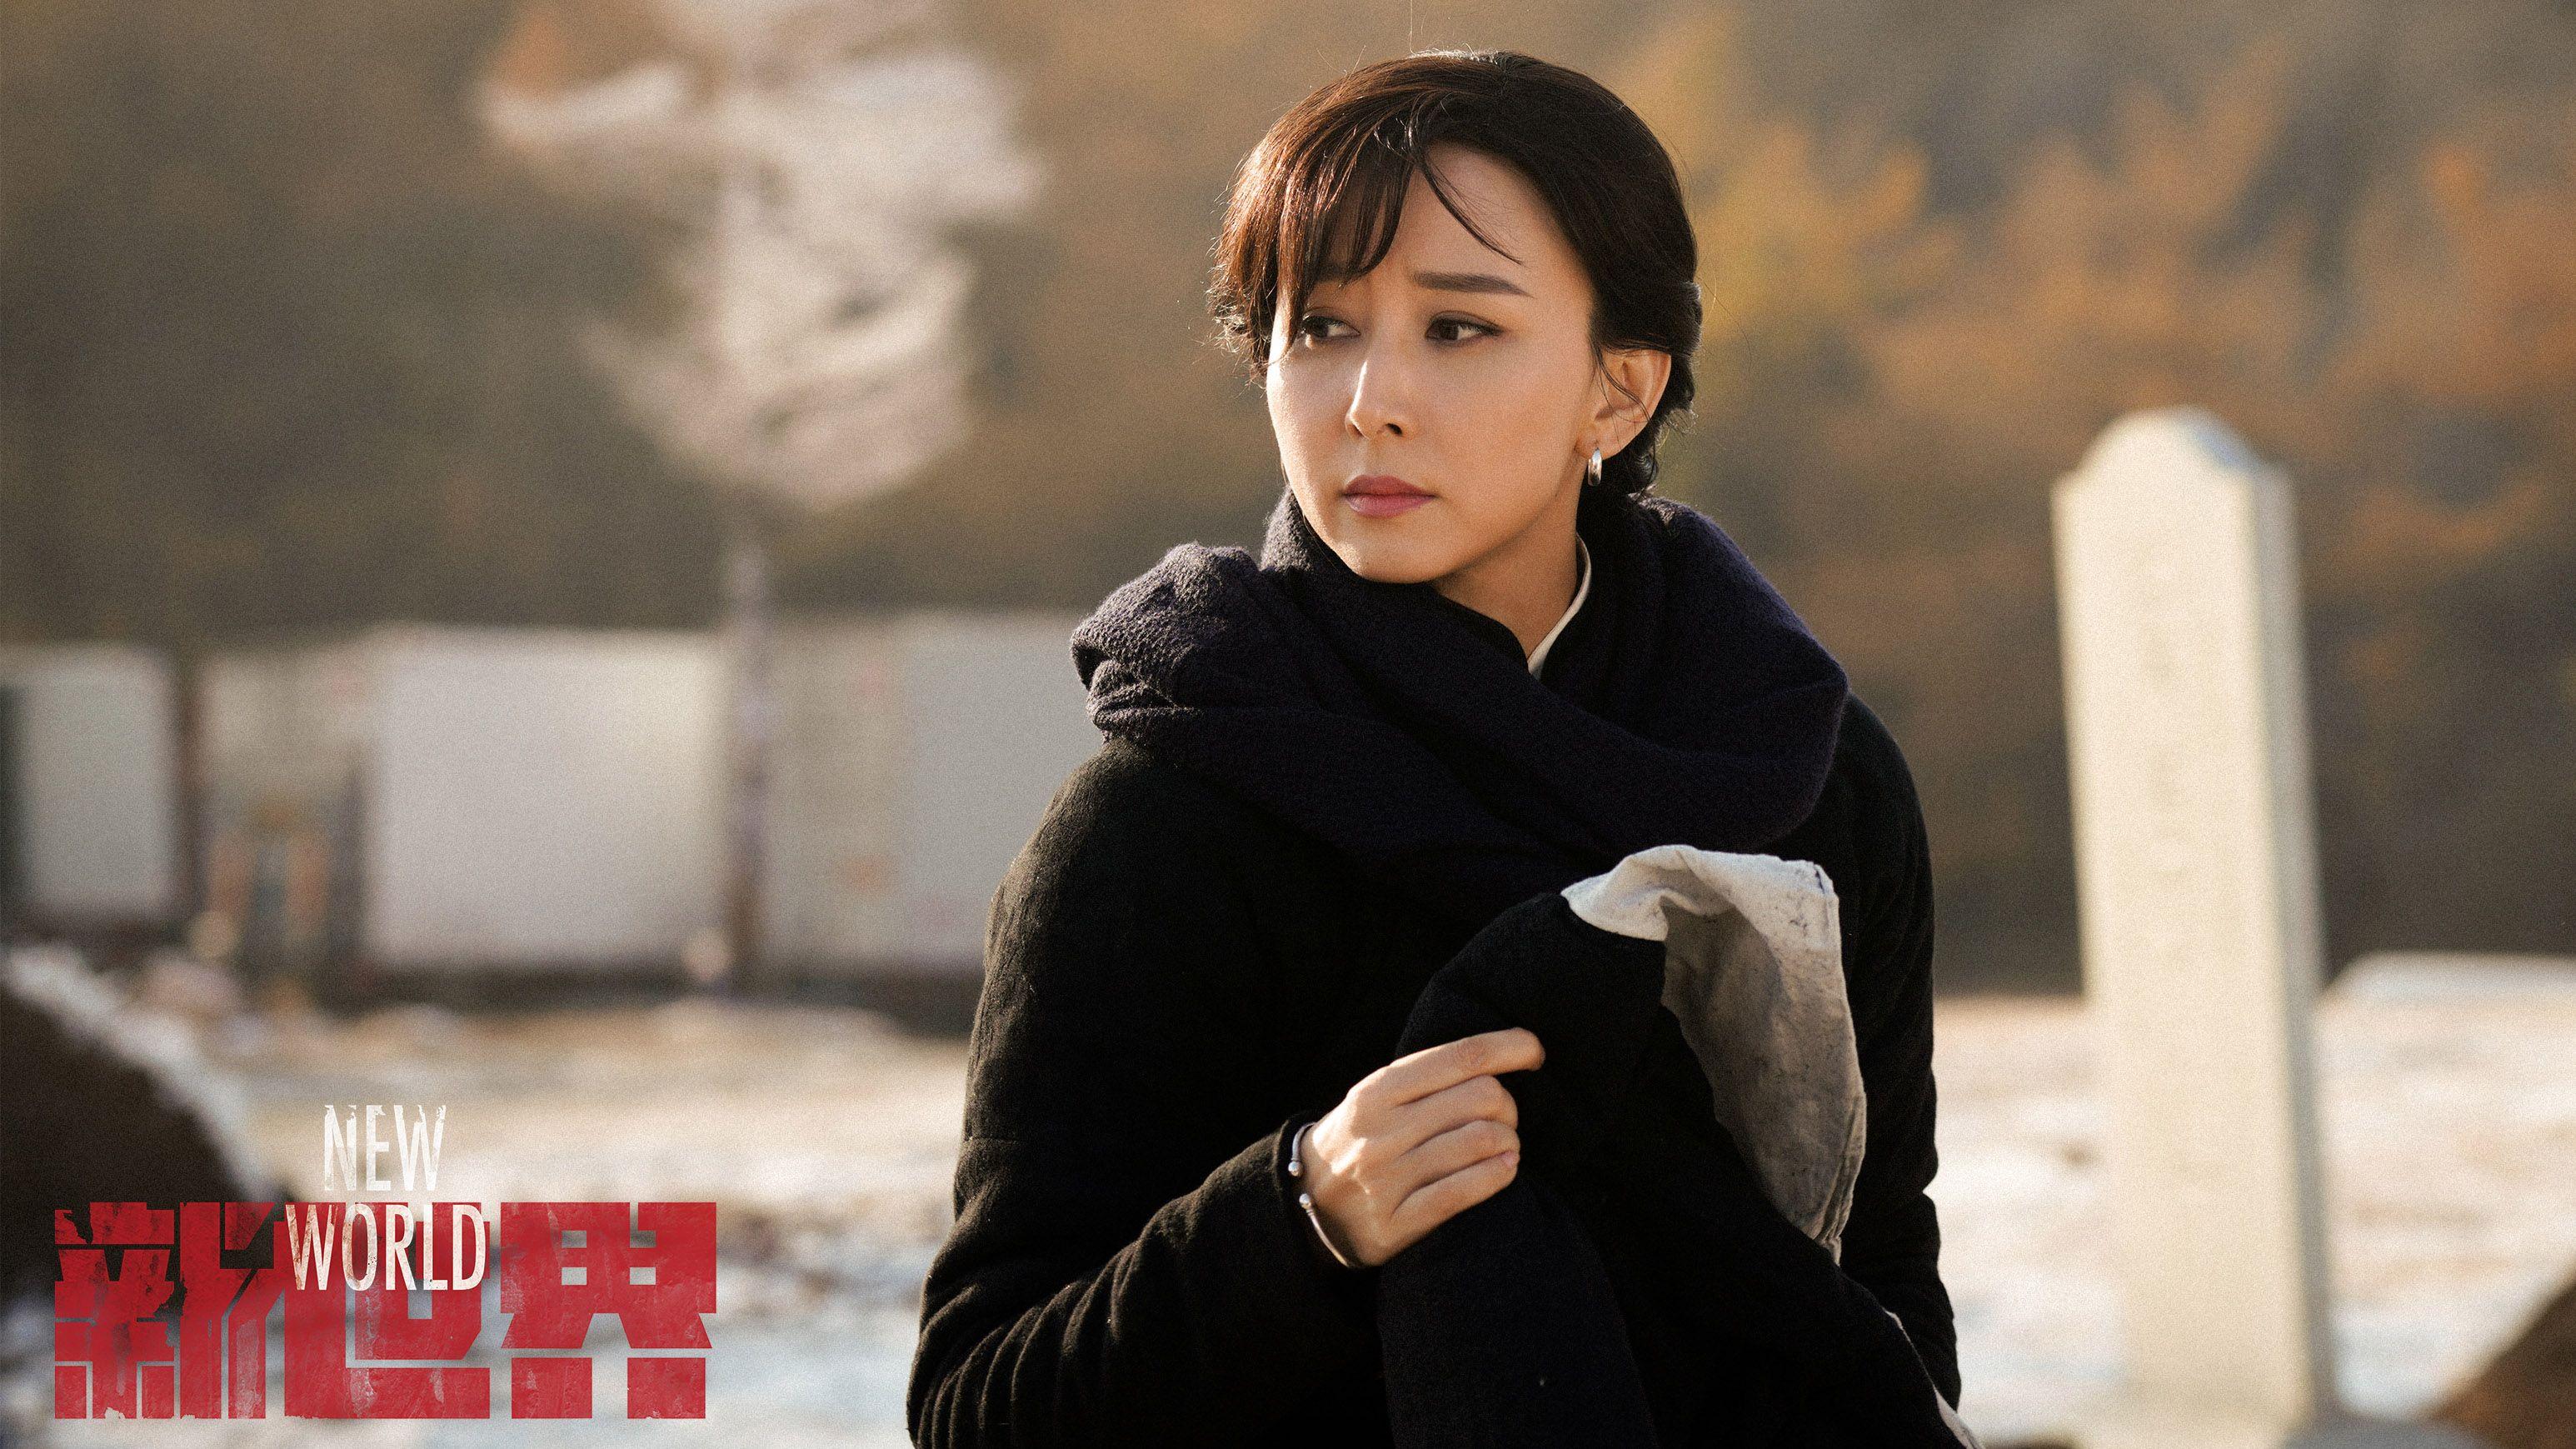 《姐姐2》收官,胡静:女性不应淹没在柴米油盐之中丨人物